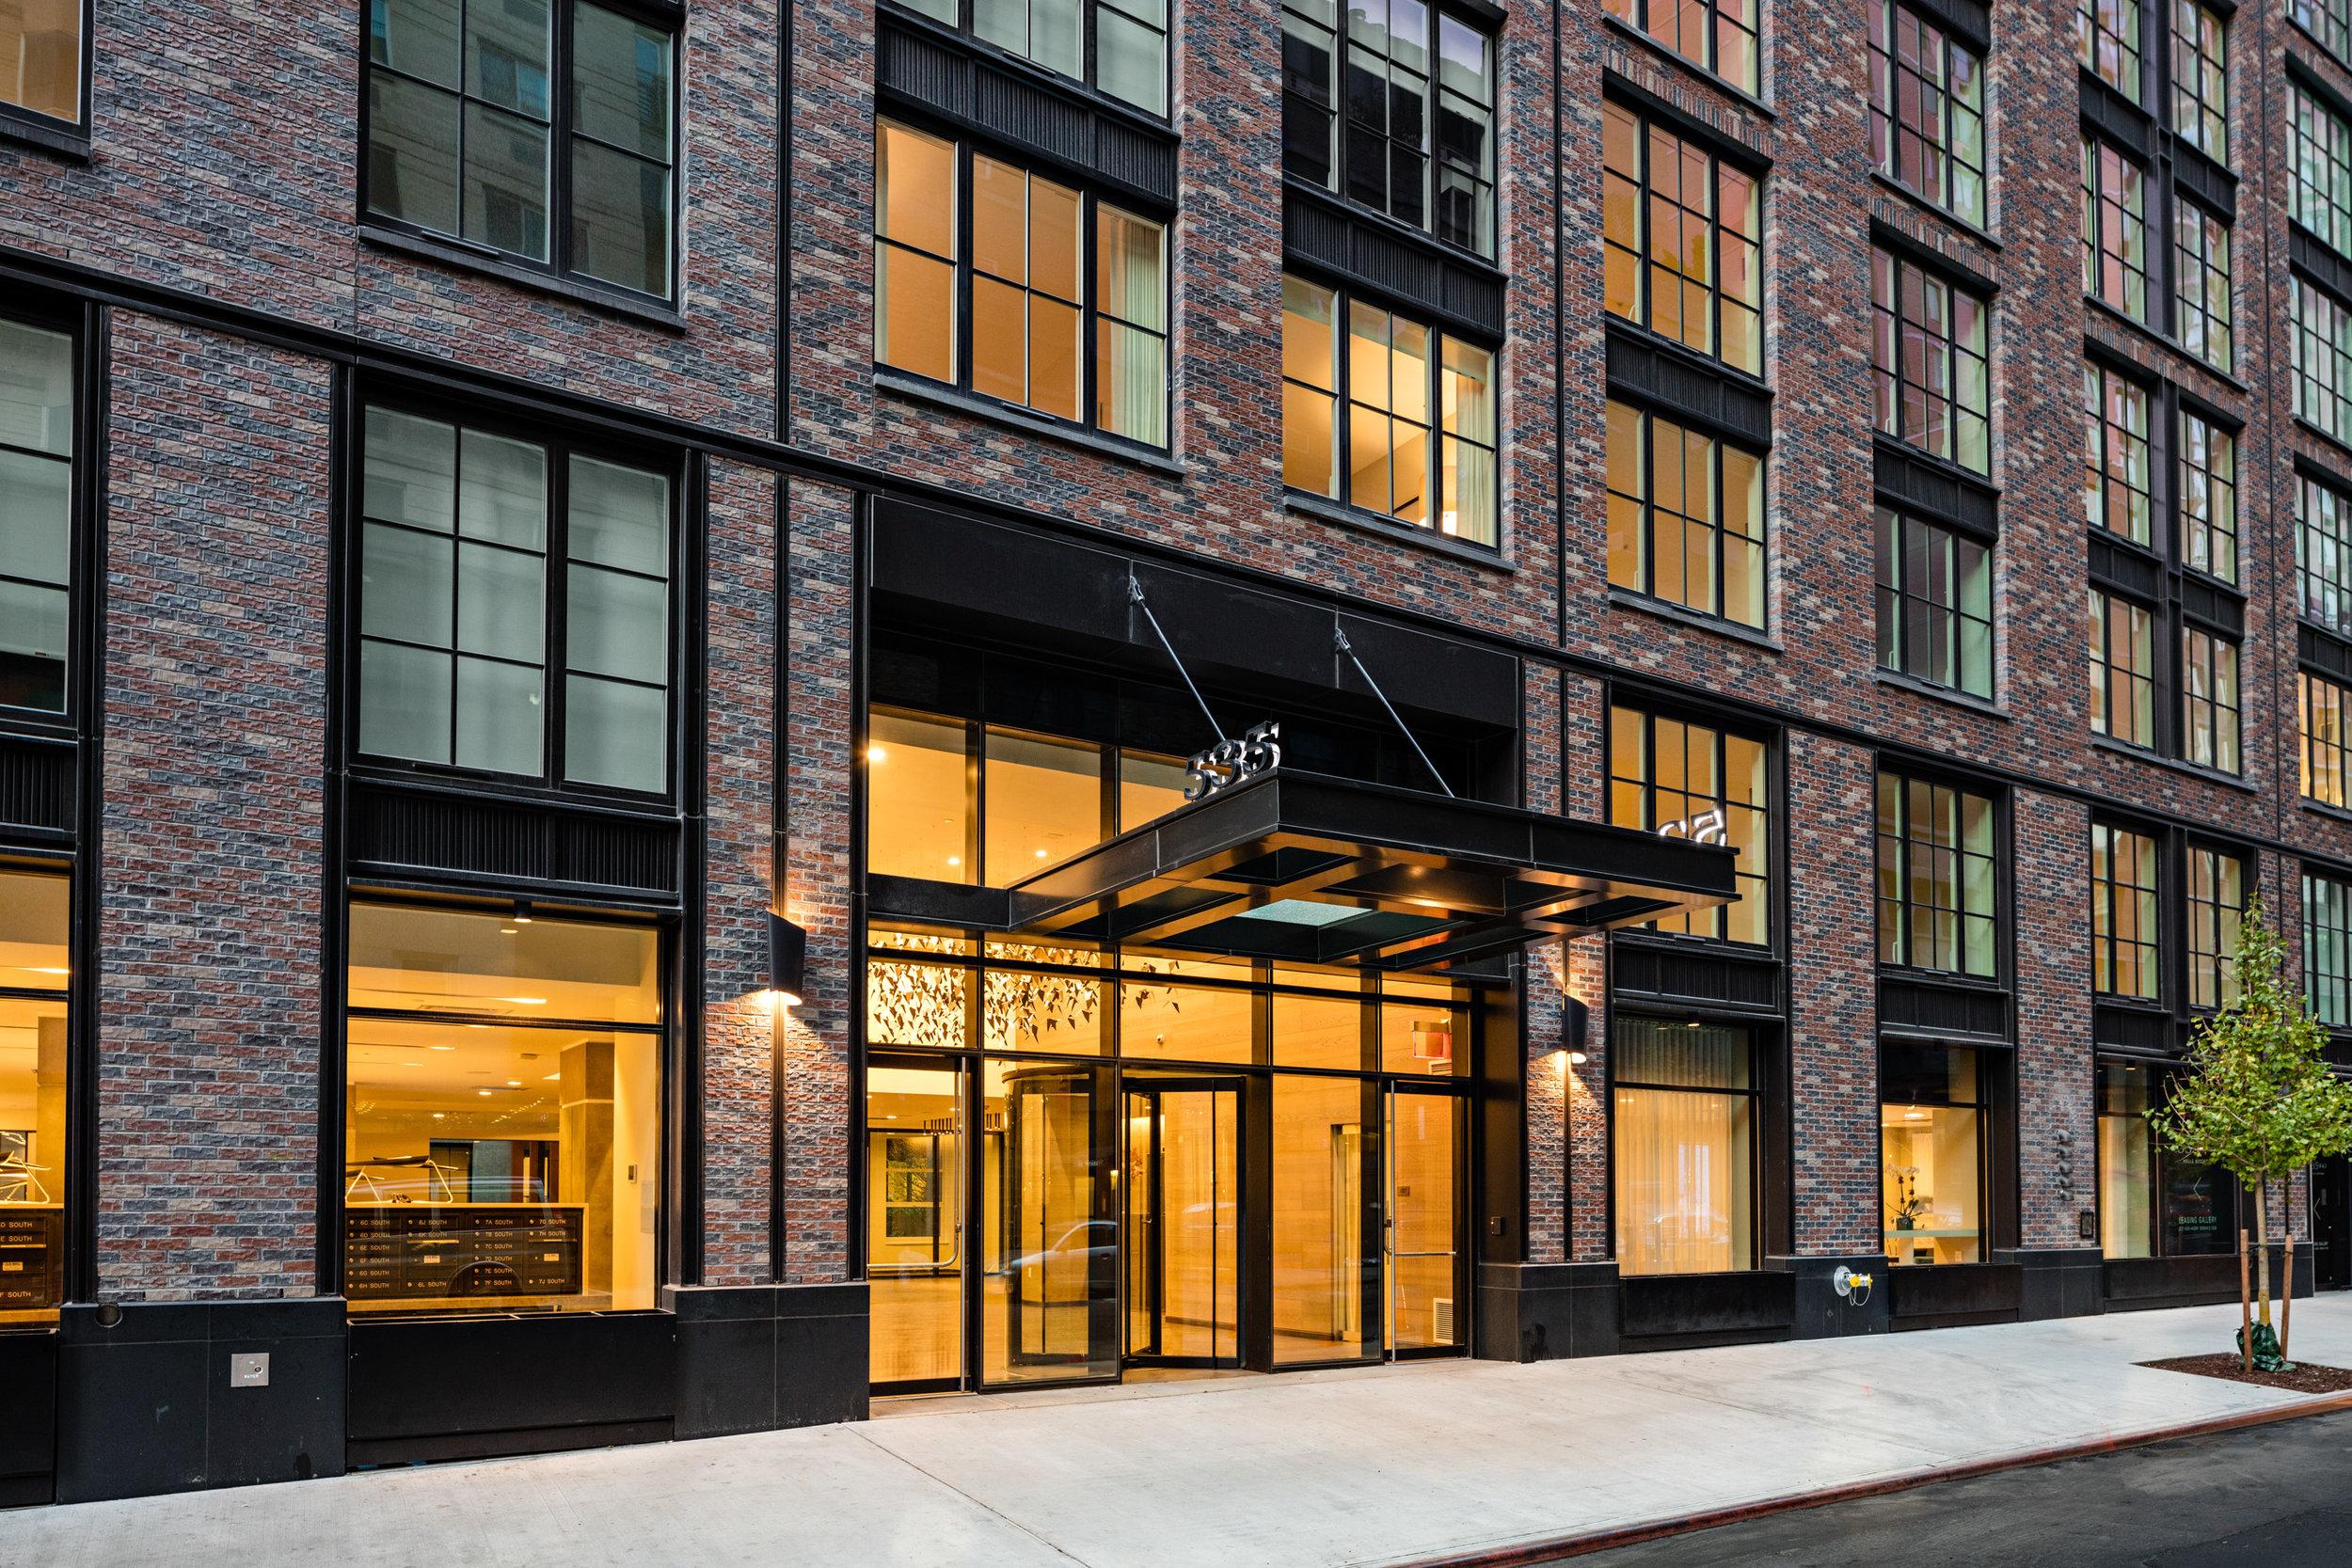 535 West 43rd Street   New York, New York